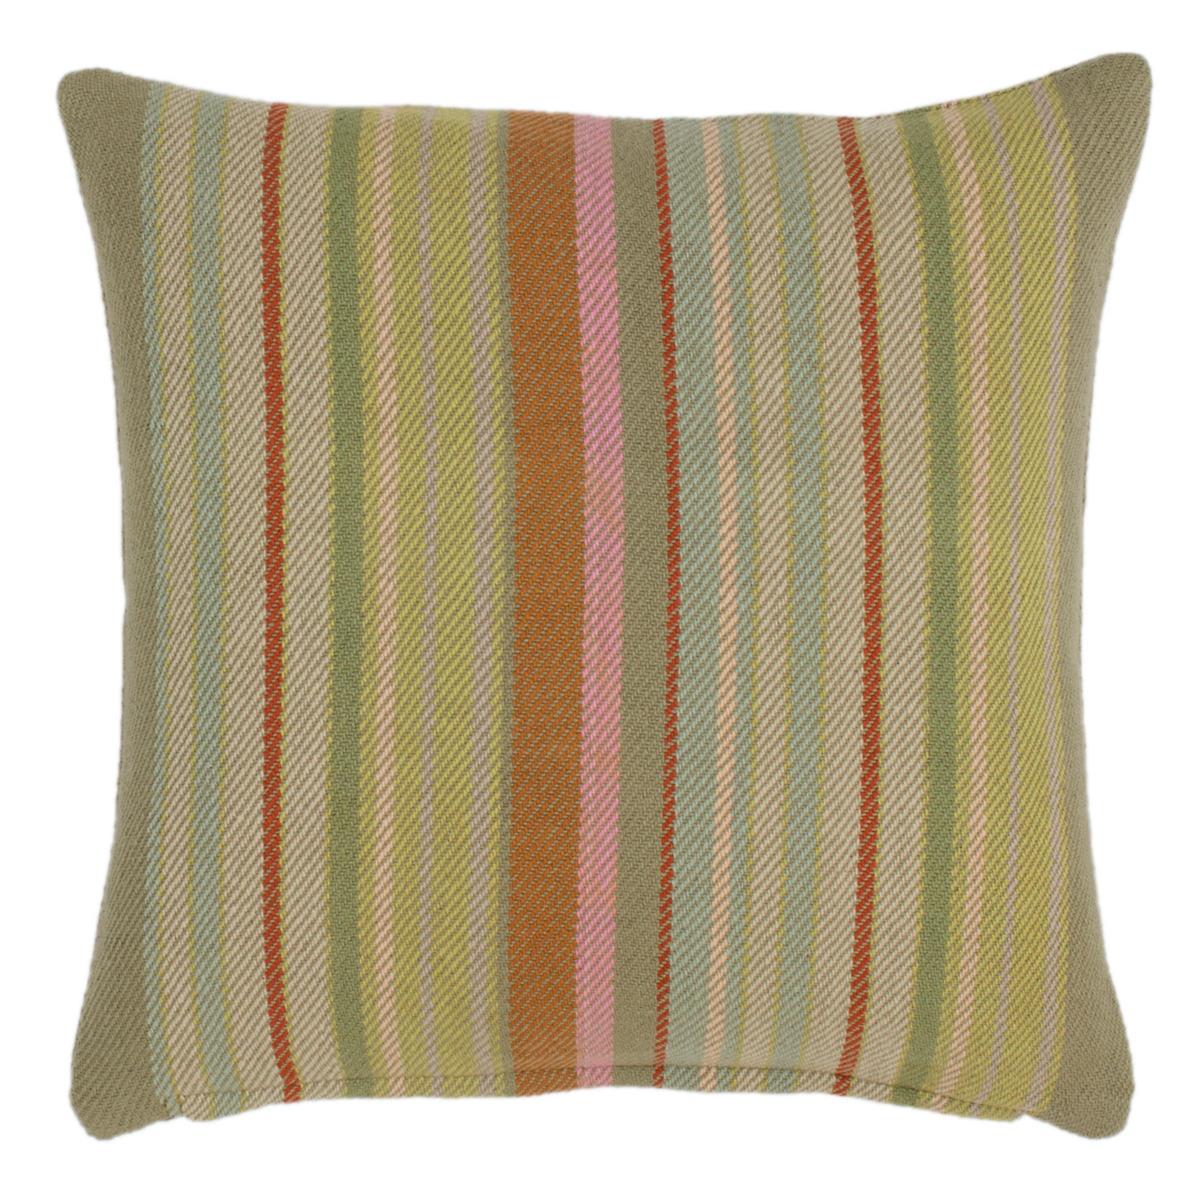 Stone Soup Woven Cotton Decorative Pillow